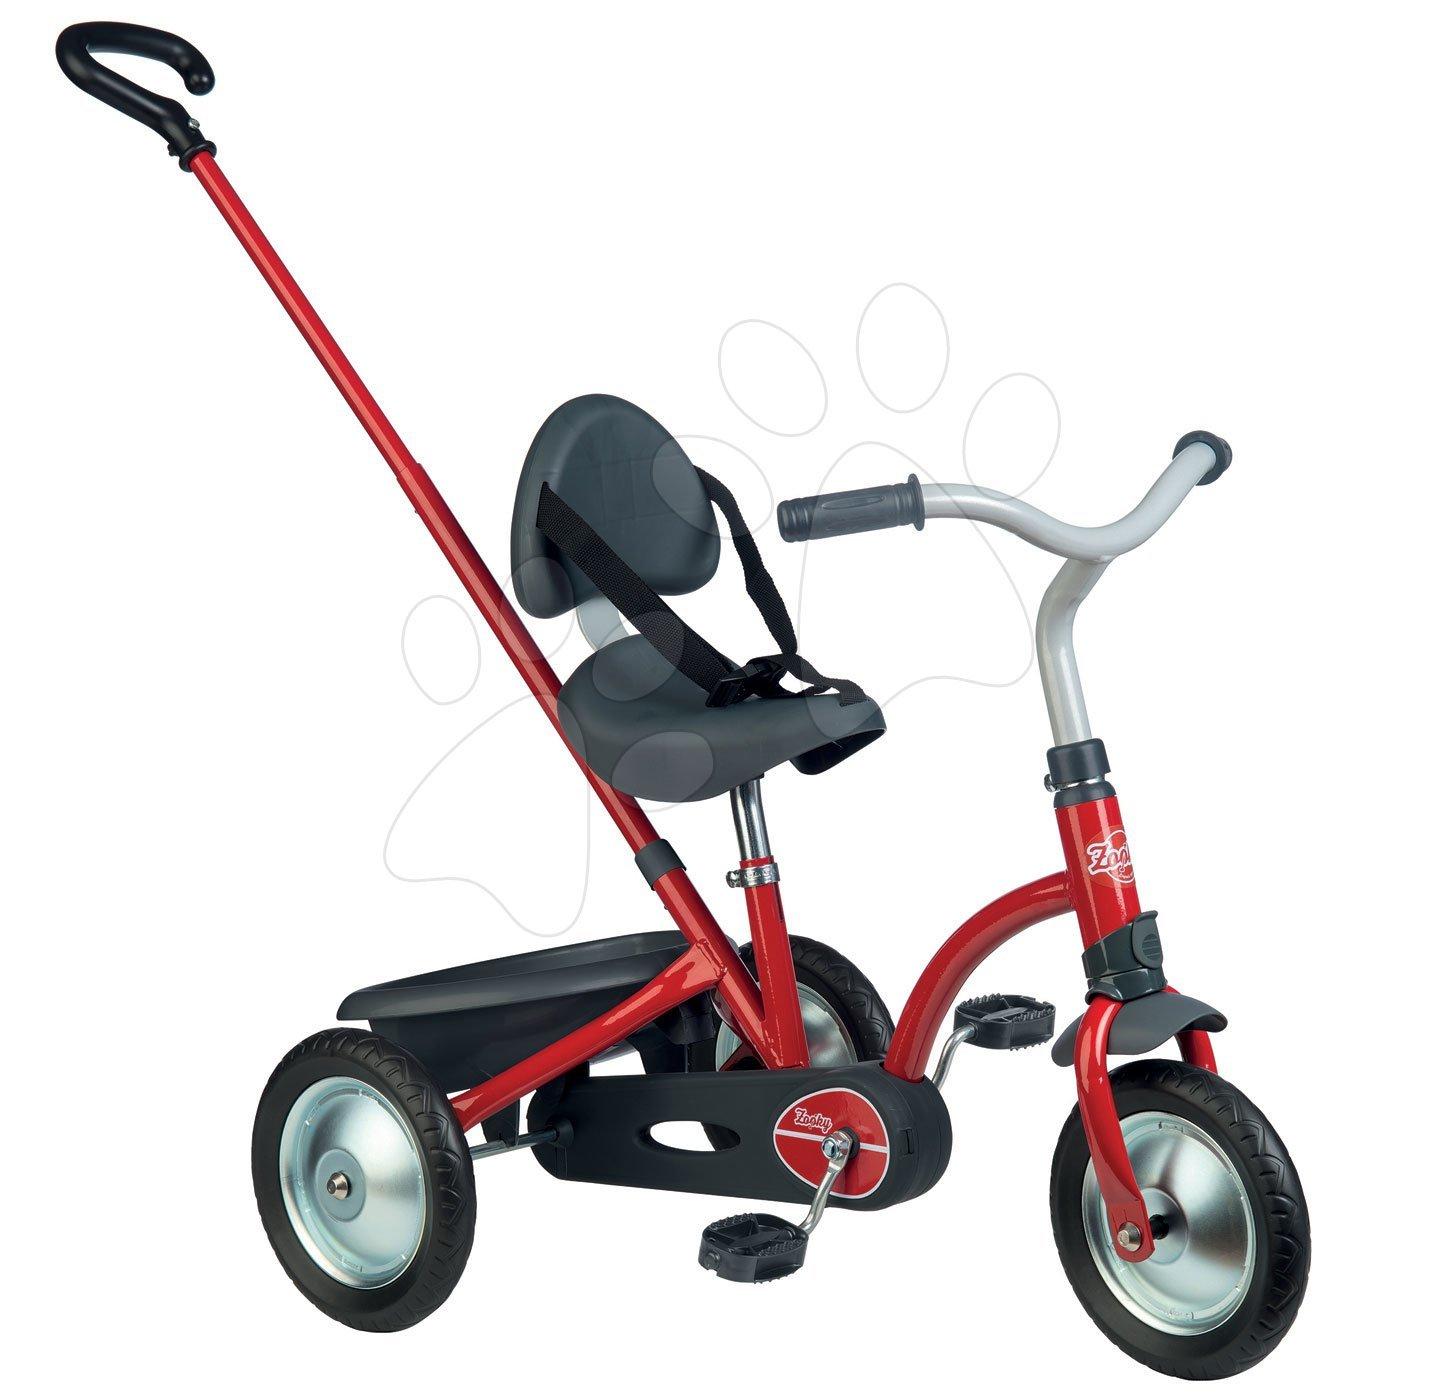 Tricicletă Zooky Original Smoby acţionată pe lanţ, cu mâner pentru împins roşu de la 16 luni